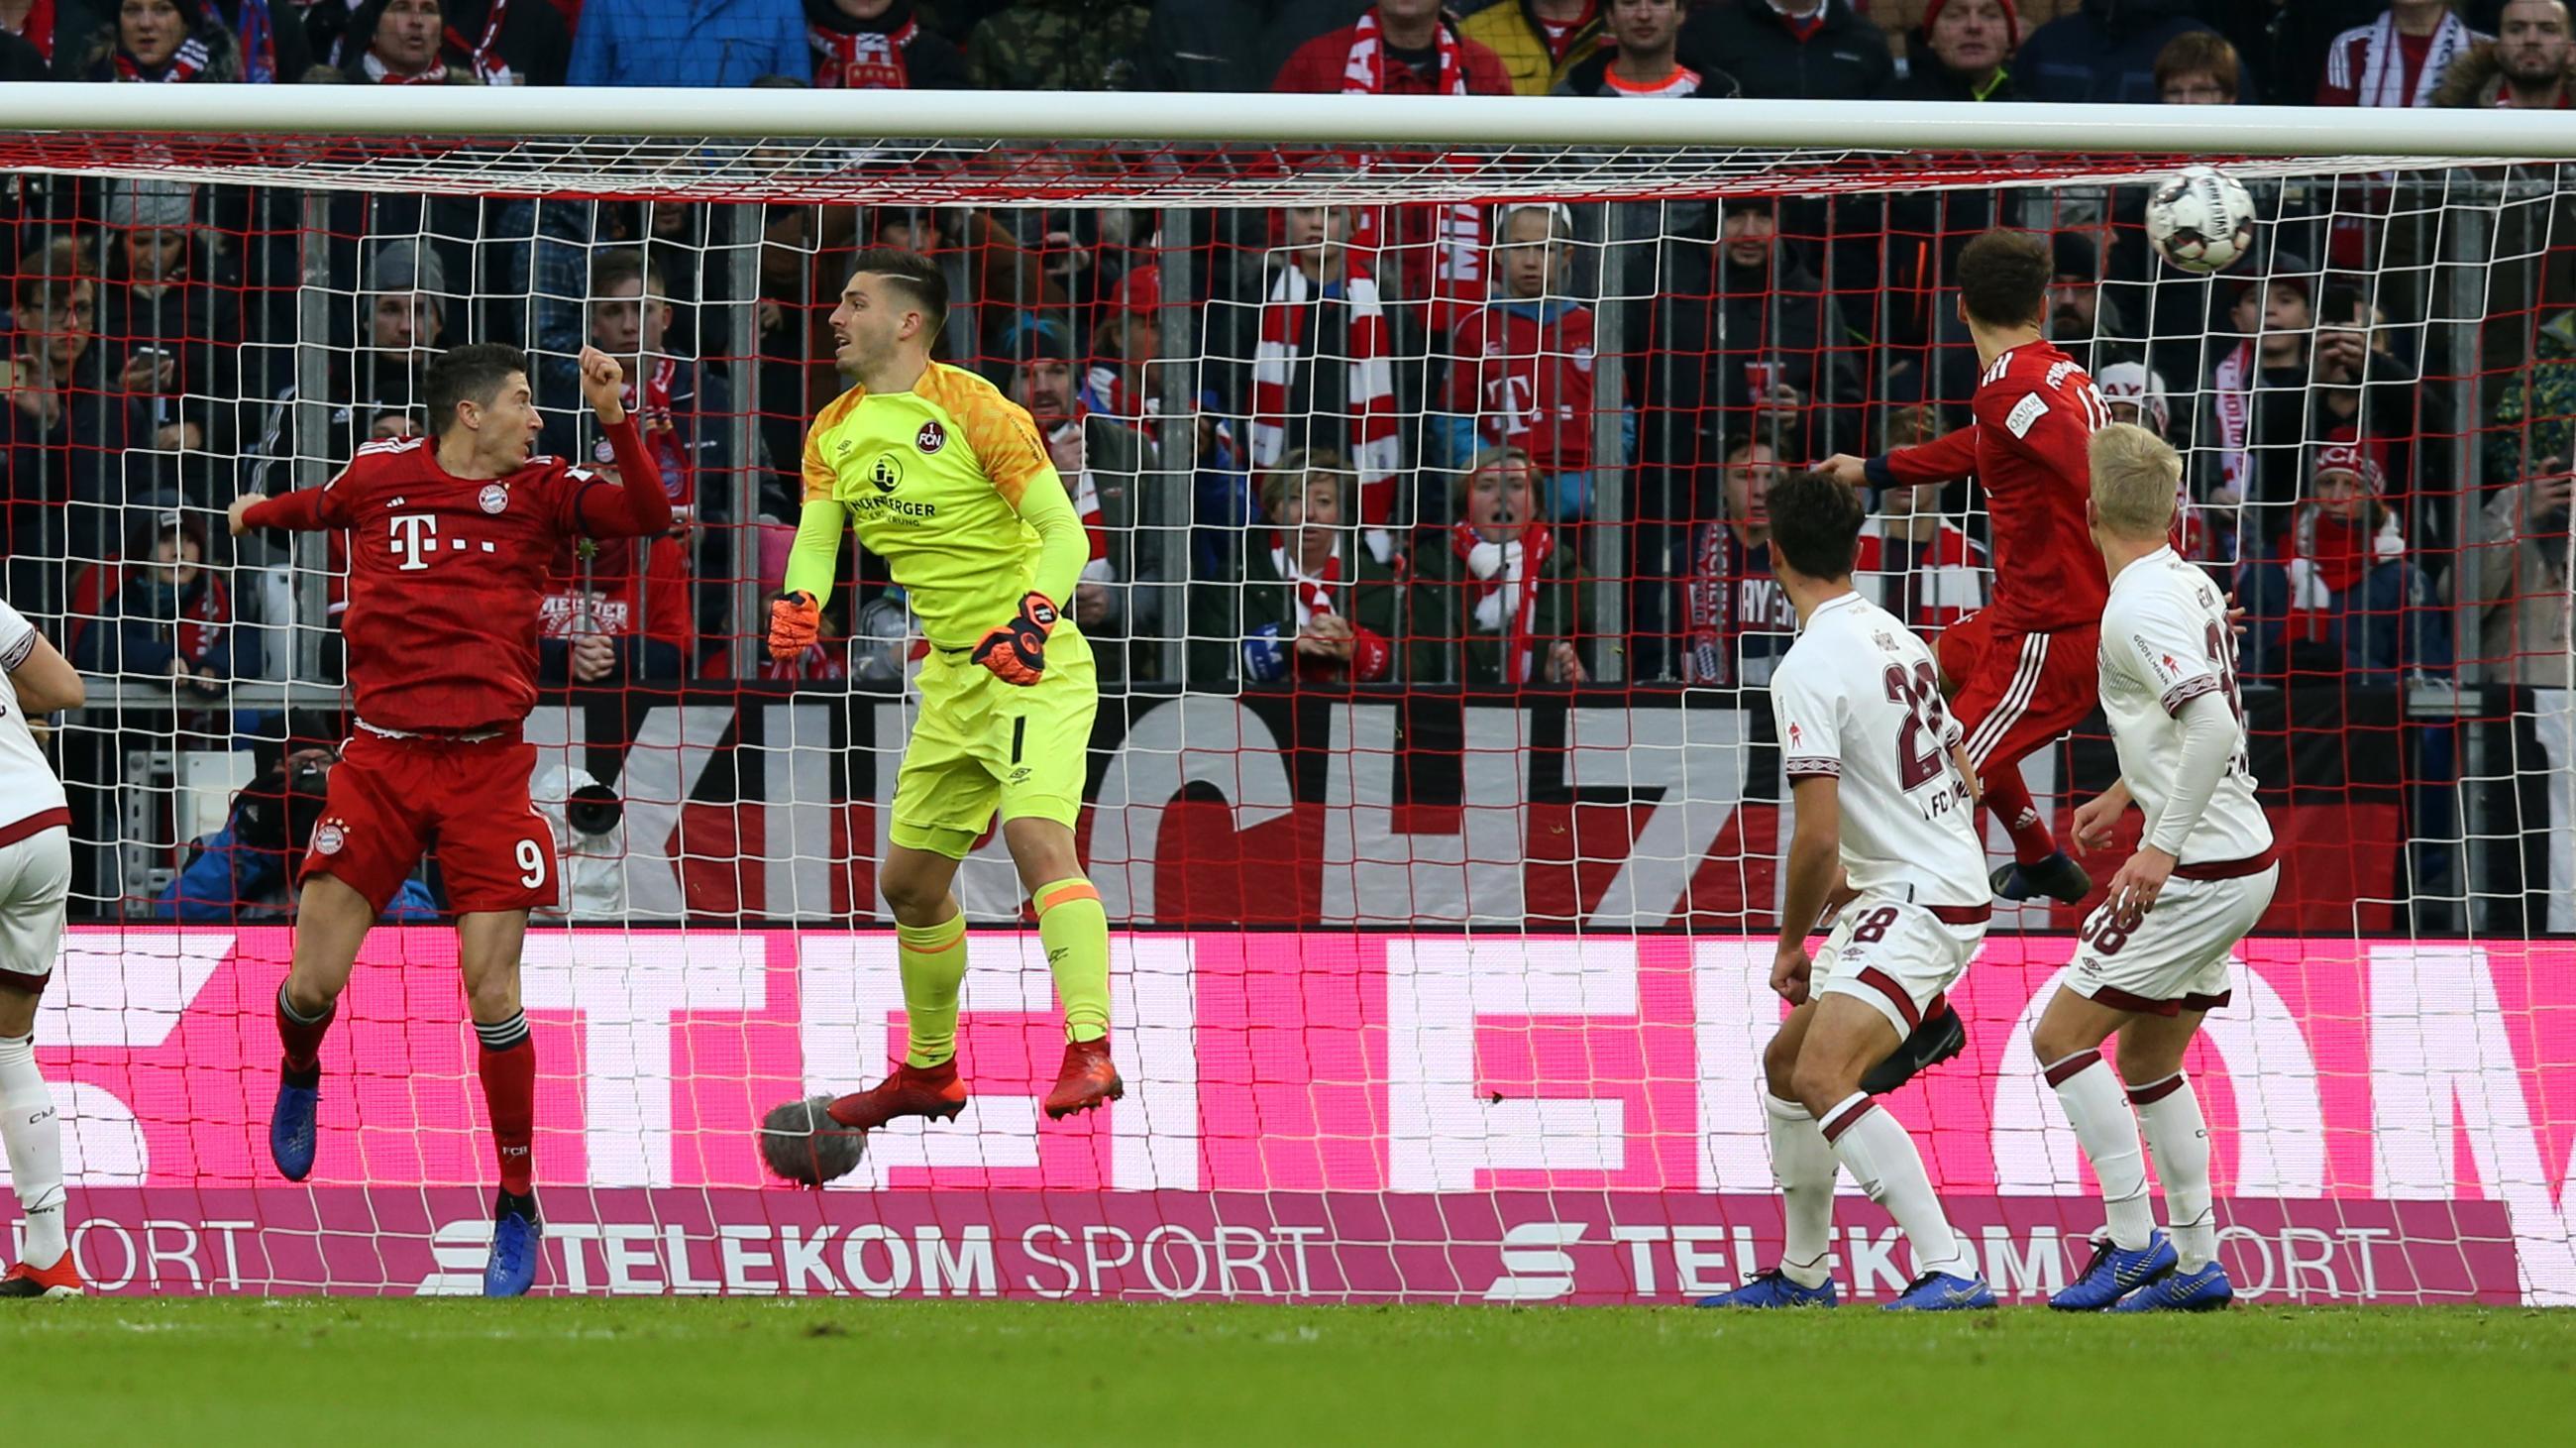 Posibilidad de club: FCN consigue en Munich en la tapa - deportes